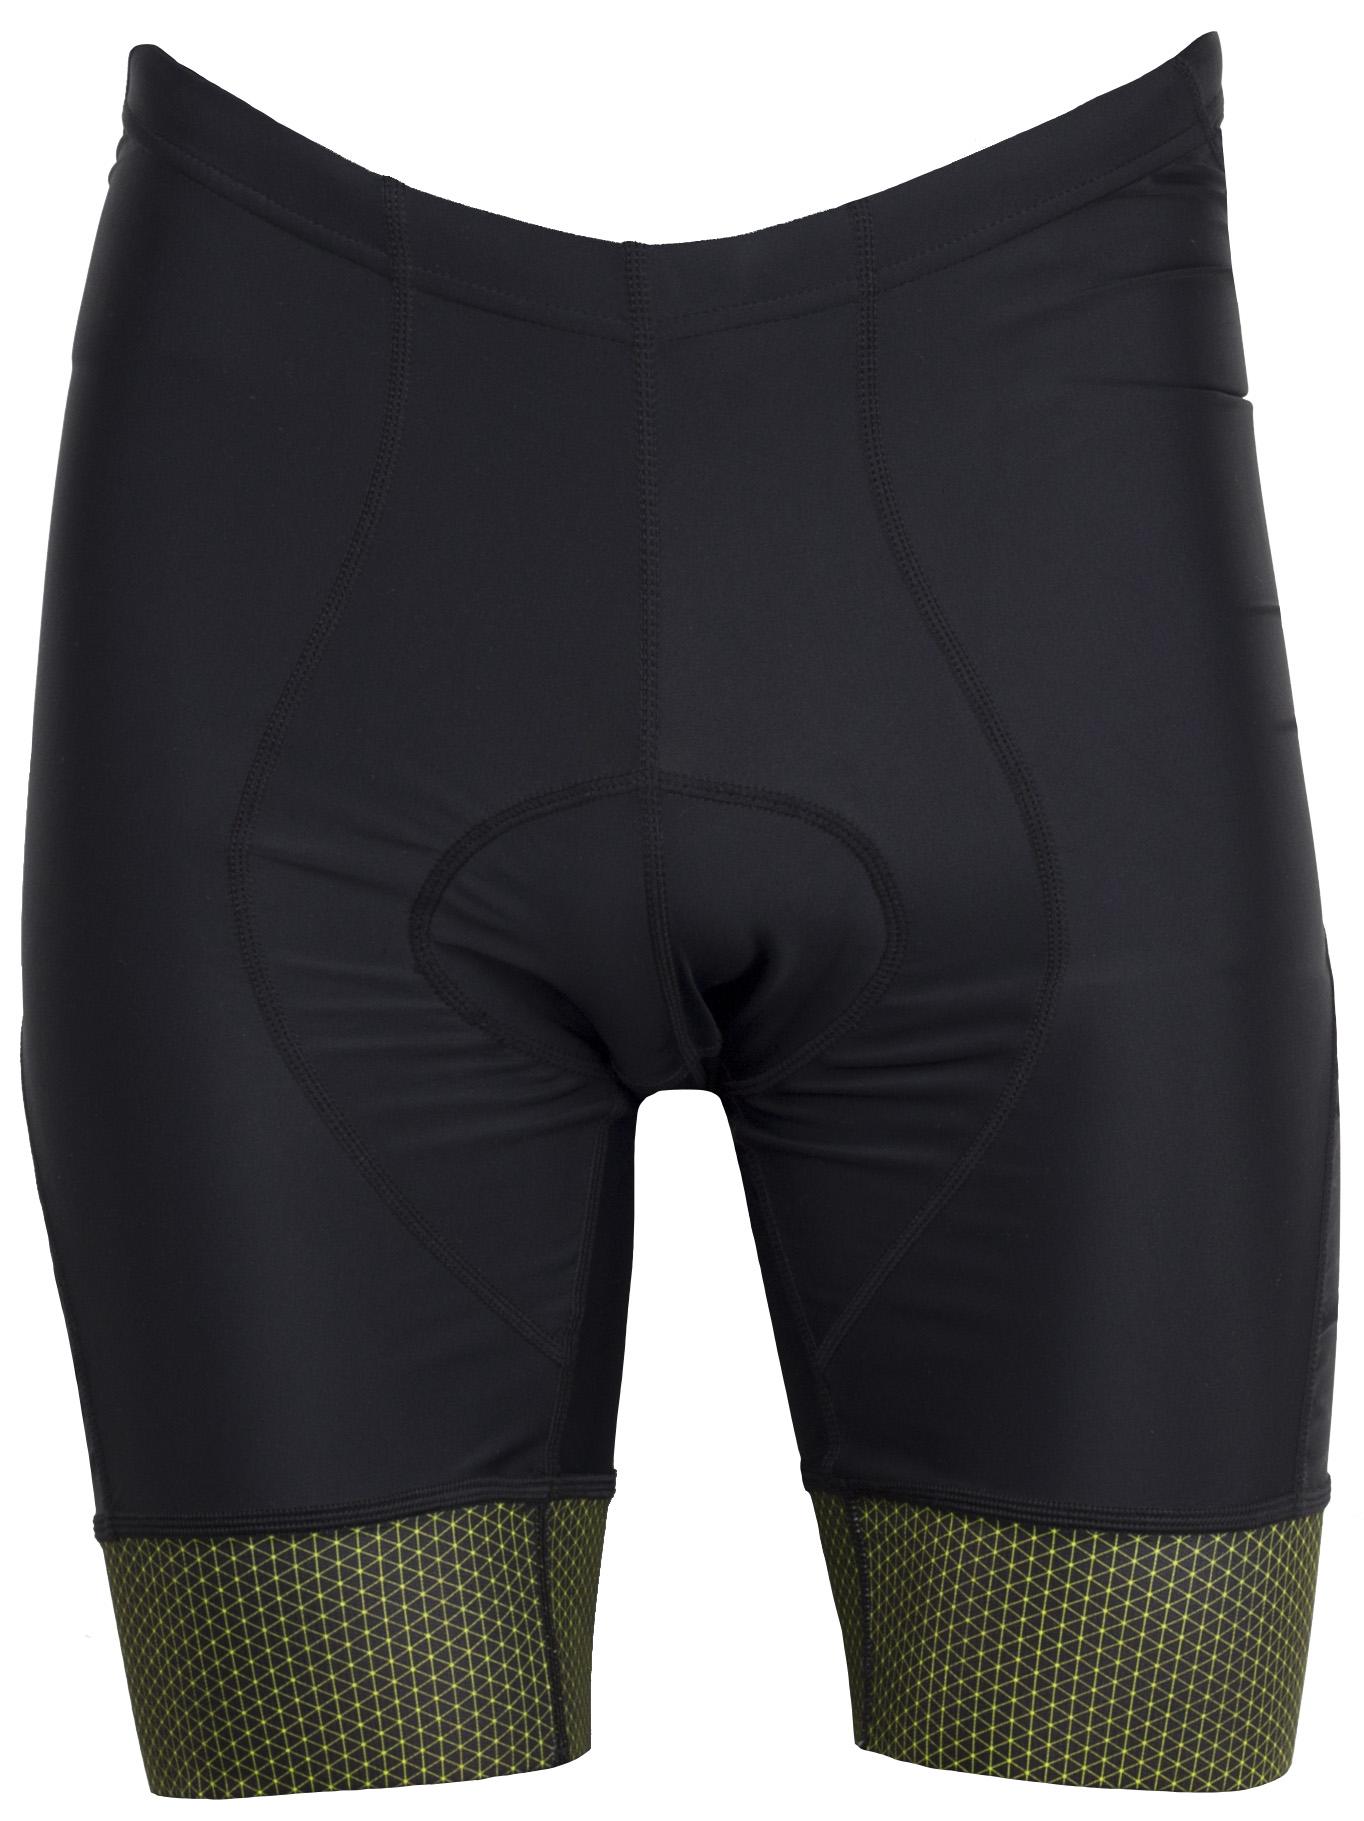 Canari Exert Men's Bike Shorts